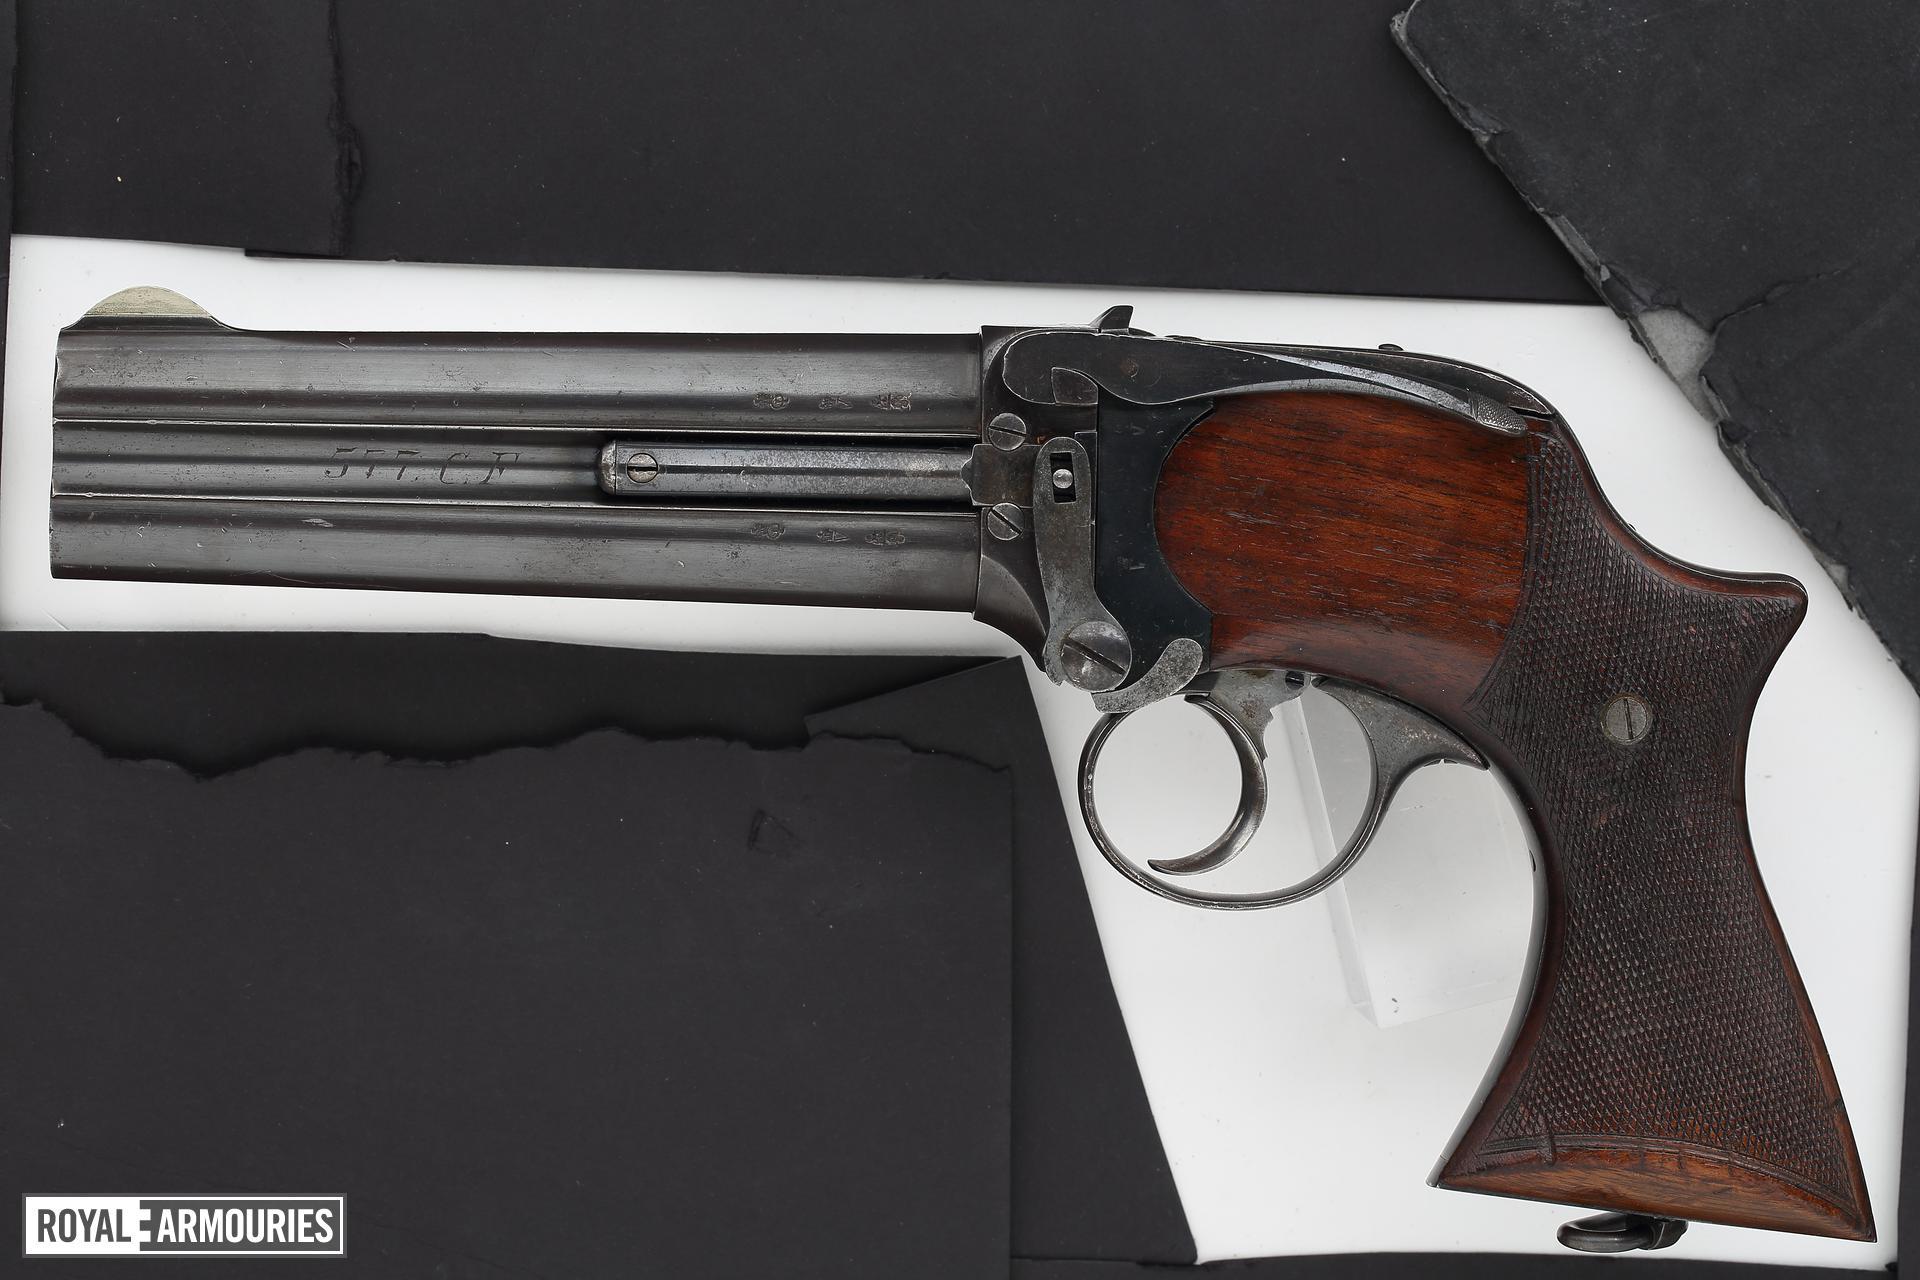 Centrefire double-barrelled pistol - Lancaster Large Frame Holster Model